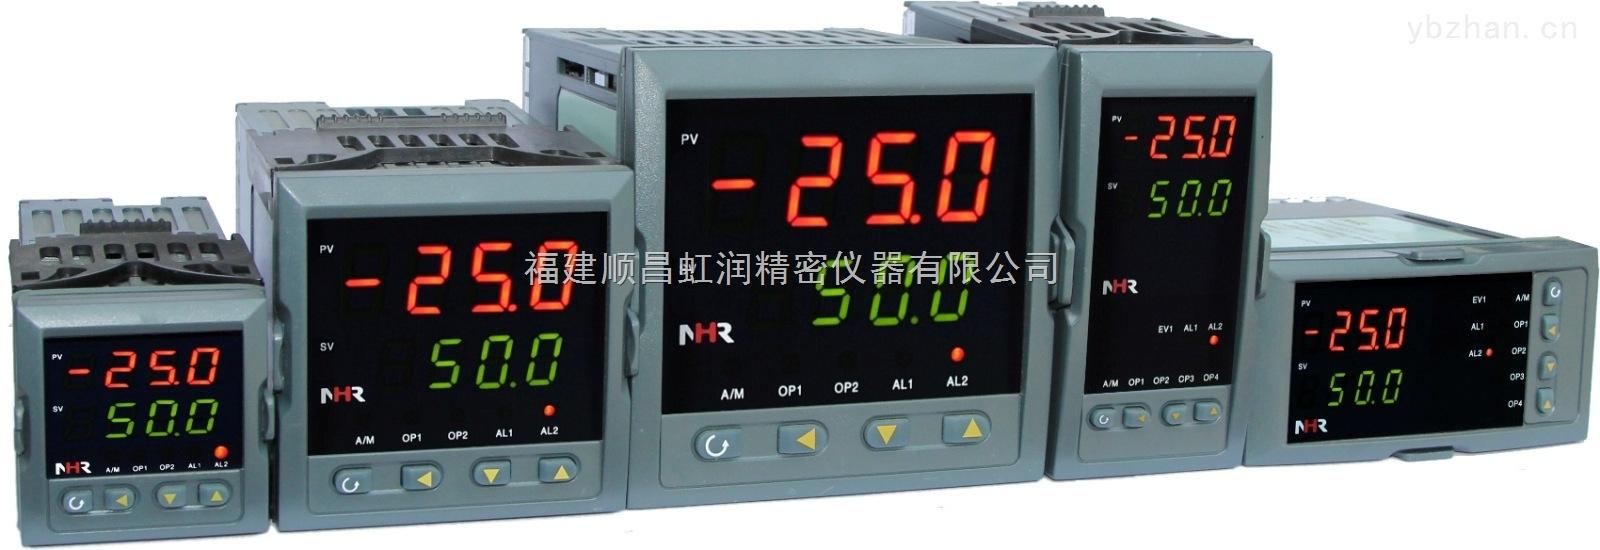 电炉温控仪虹润智能PID调节仪数显仪